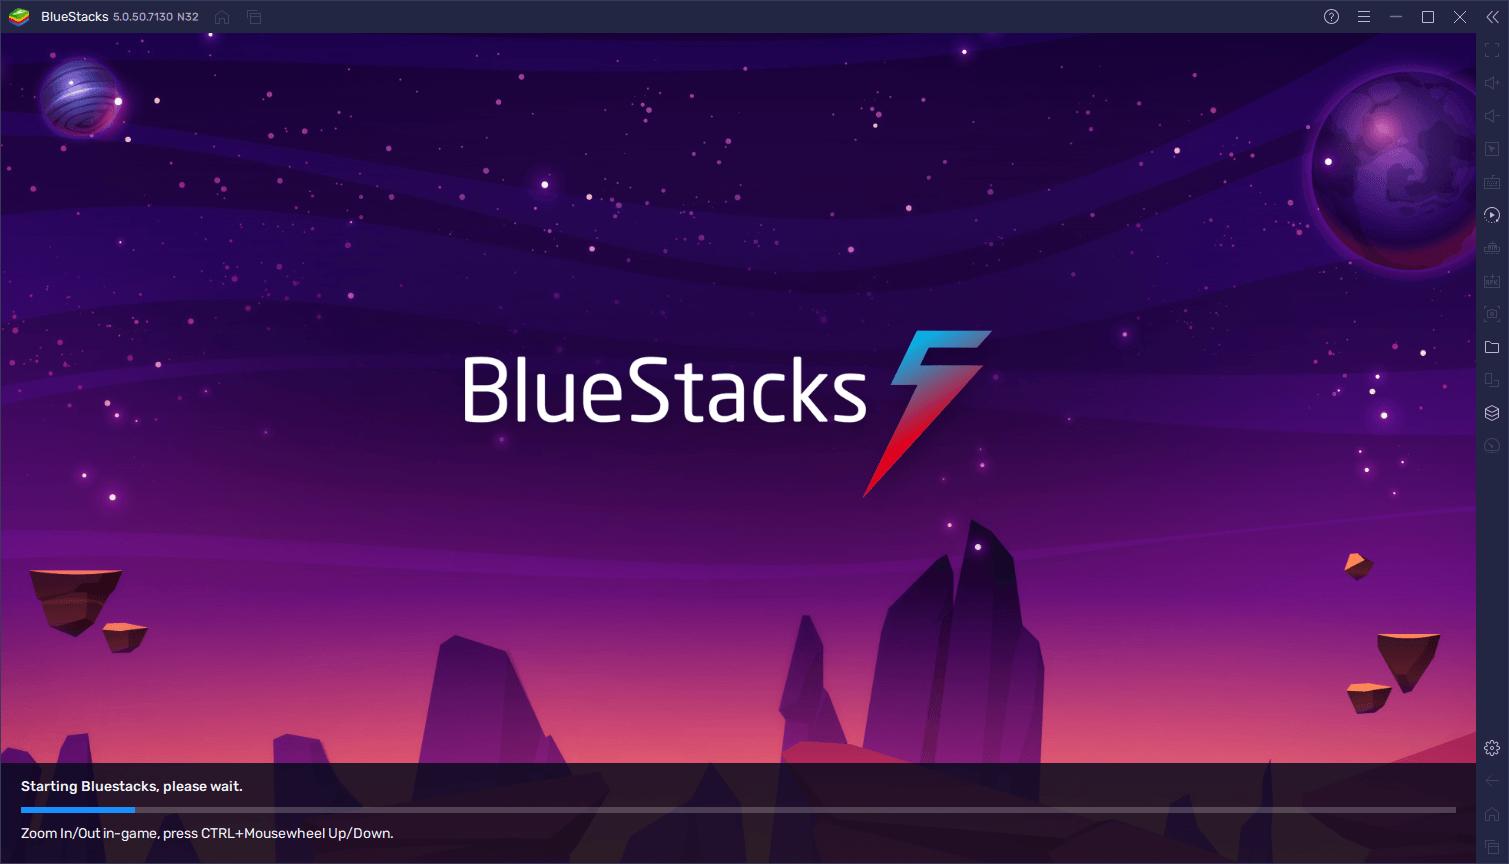 คุณสมบัติ BlueStacks 5 Trim Memory รับประกันการเล่นเกมที่ปราศจากความหน่วงด้วยการใช้ RAM ที่ต่ำที่สุดเท่าที่จะเป็นไปได้